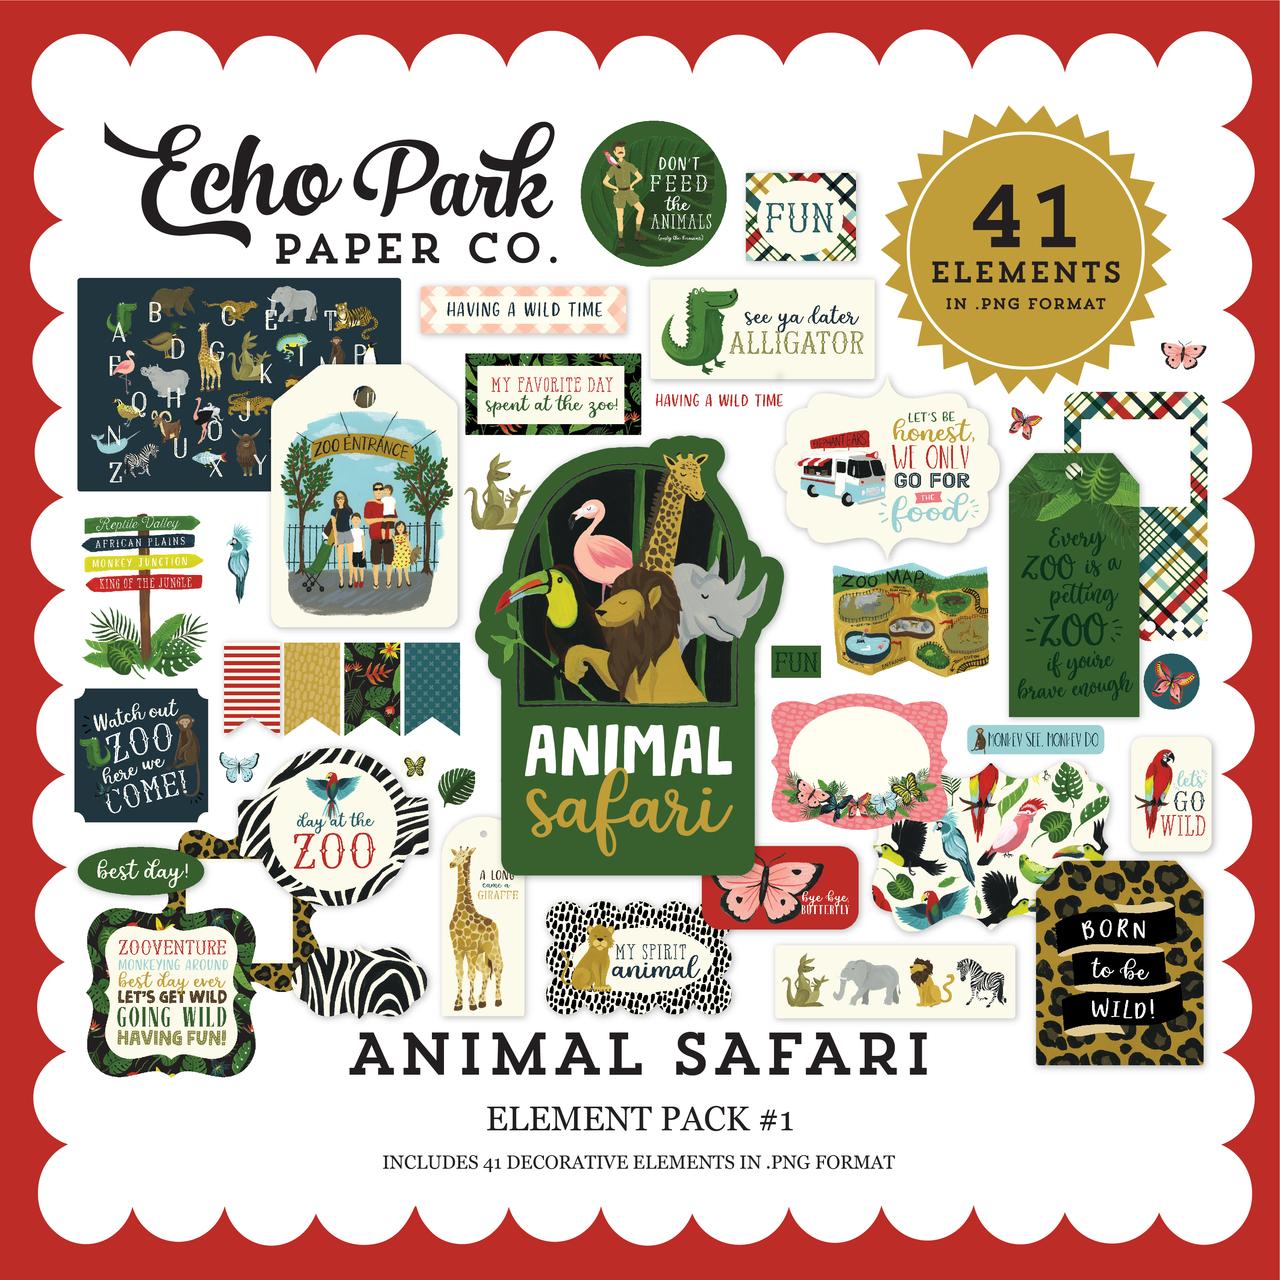 Animal Safari Element Pack #1